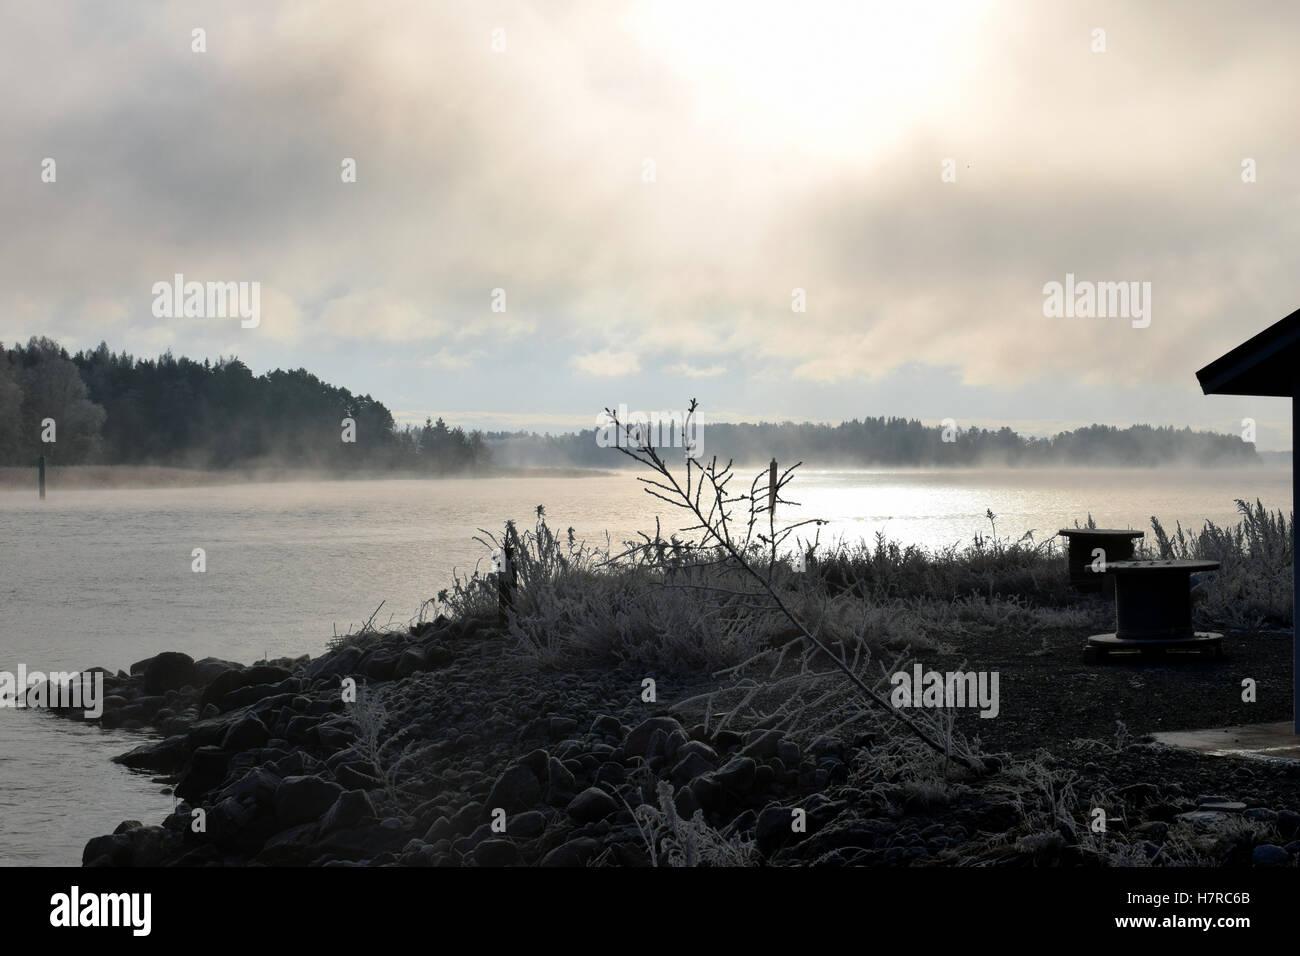 Brouillard de glace s'élève de la mer sur l'archipel de Turku, en Finlande. Banque D'Images